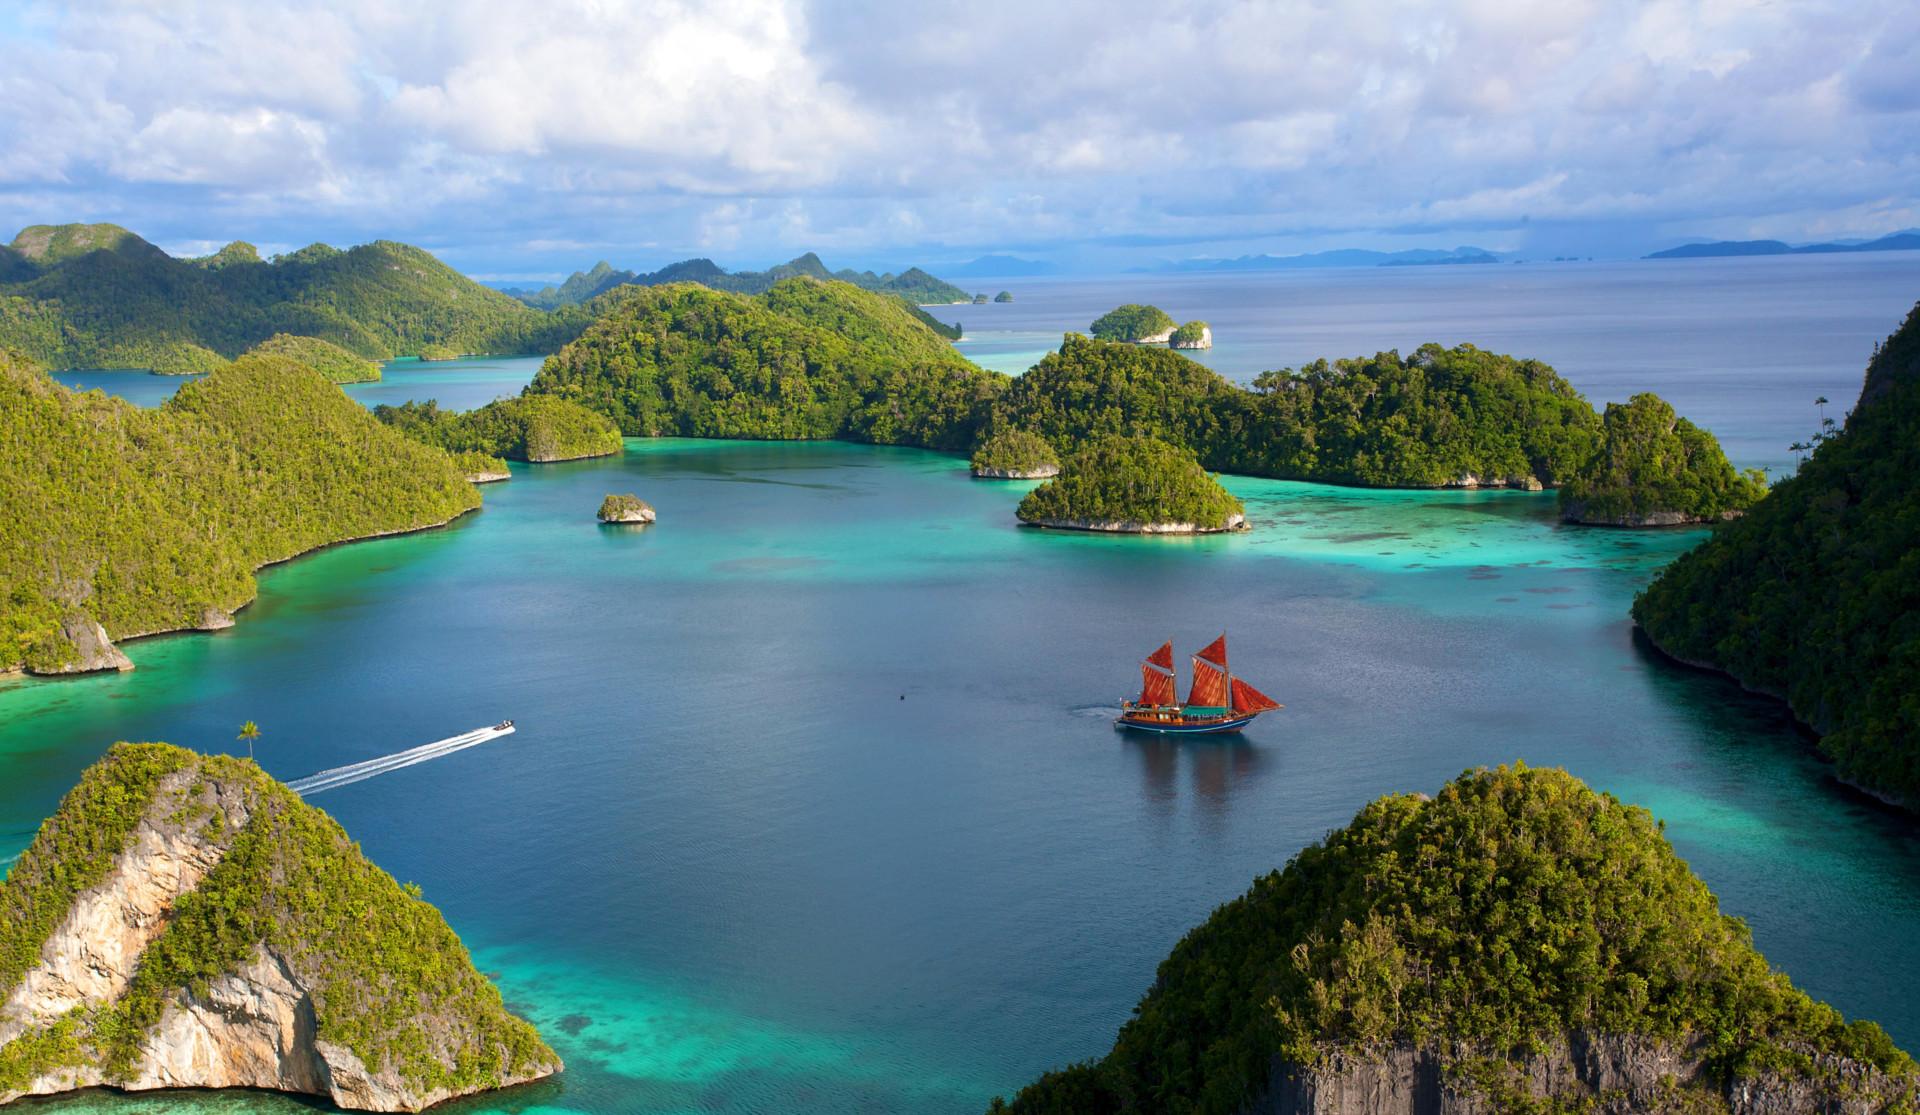 Diving in Southeast Asia: Raja Ampat